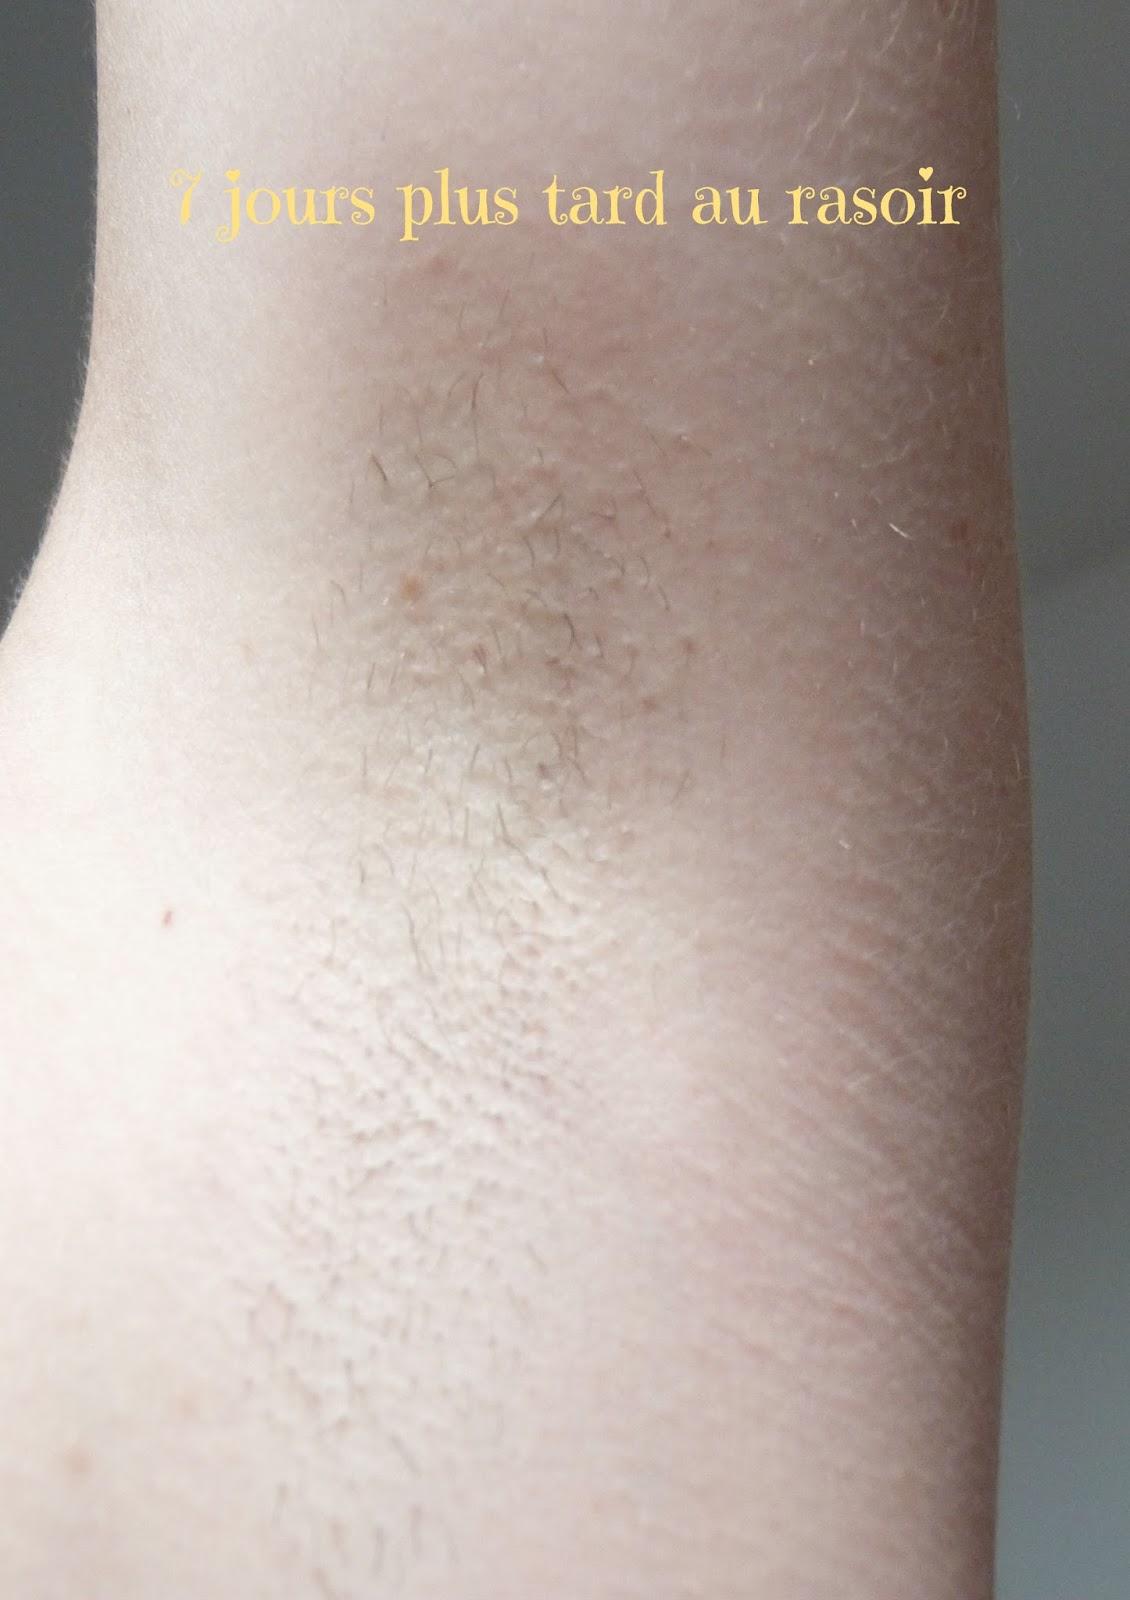 7 jours après la première épilation au rasoir